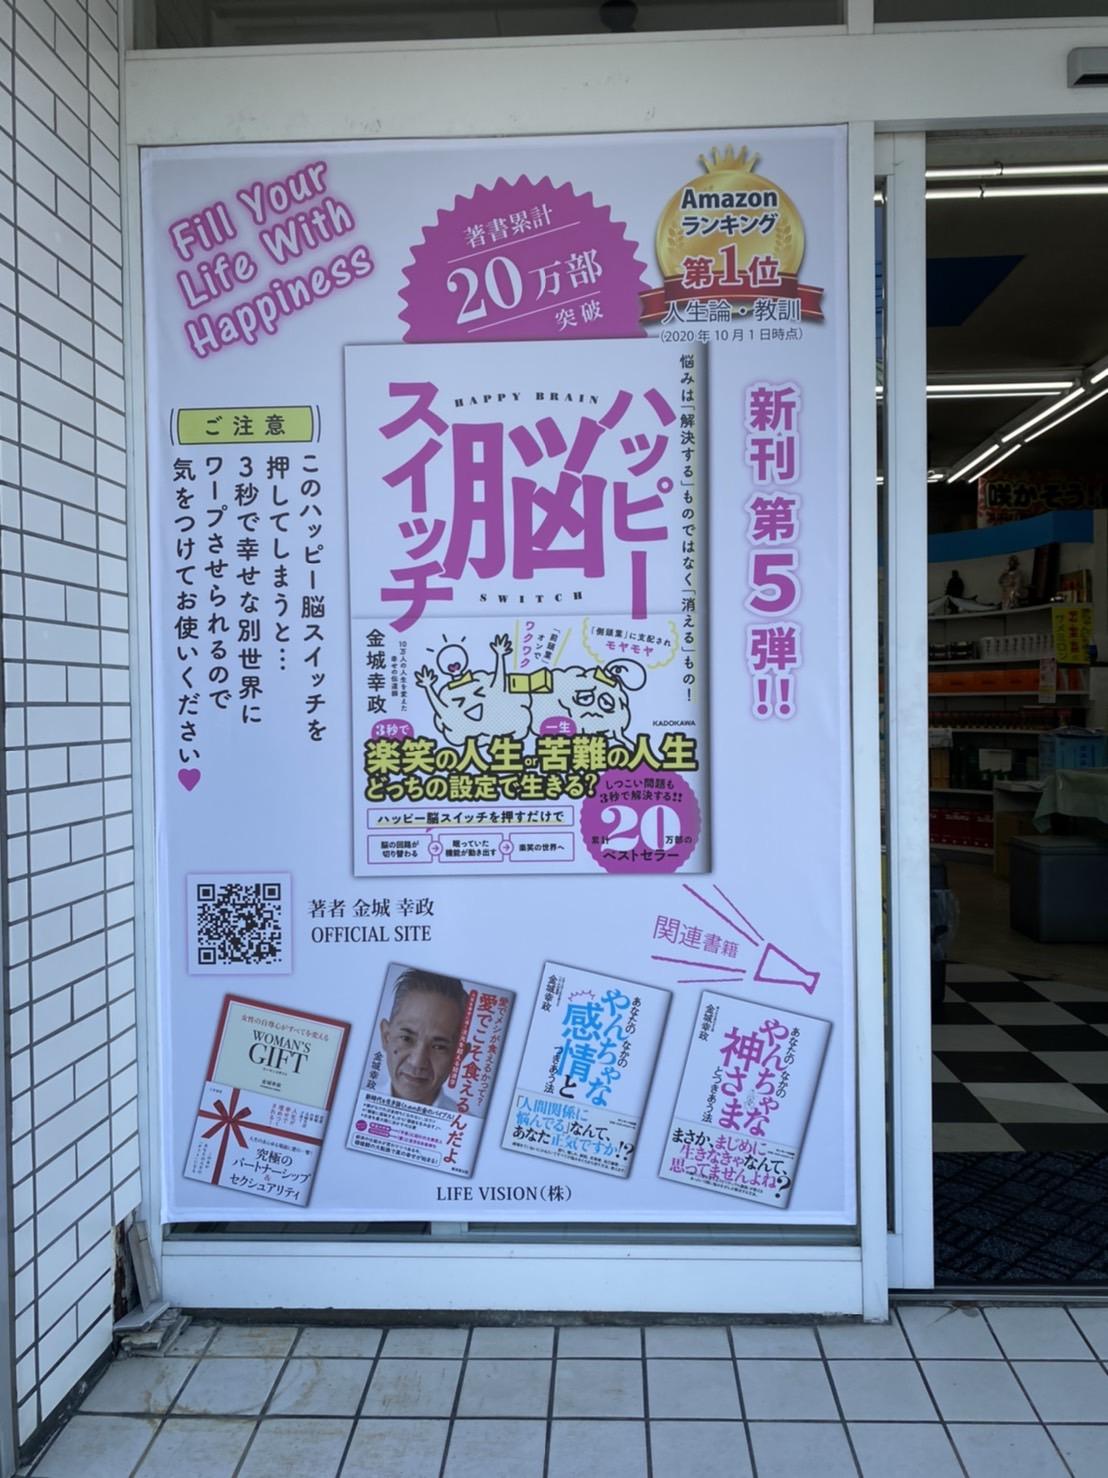 『ハッピー脳スイッチ』営業日誌